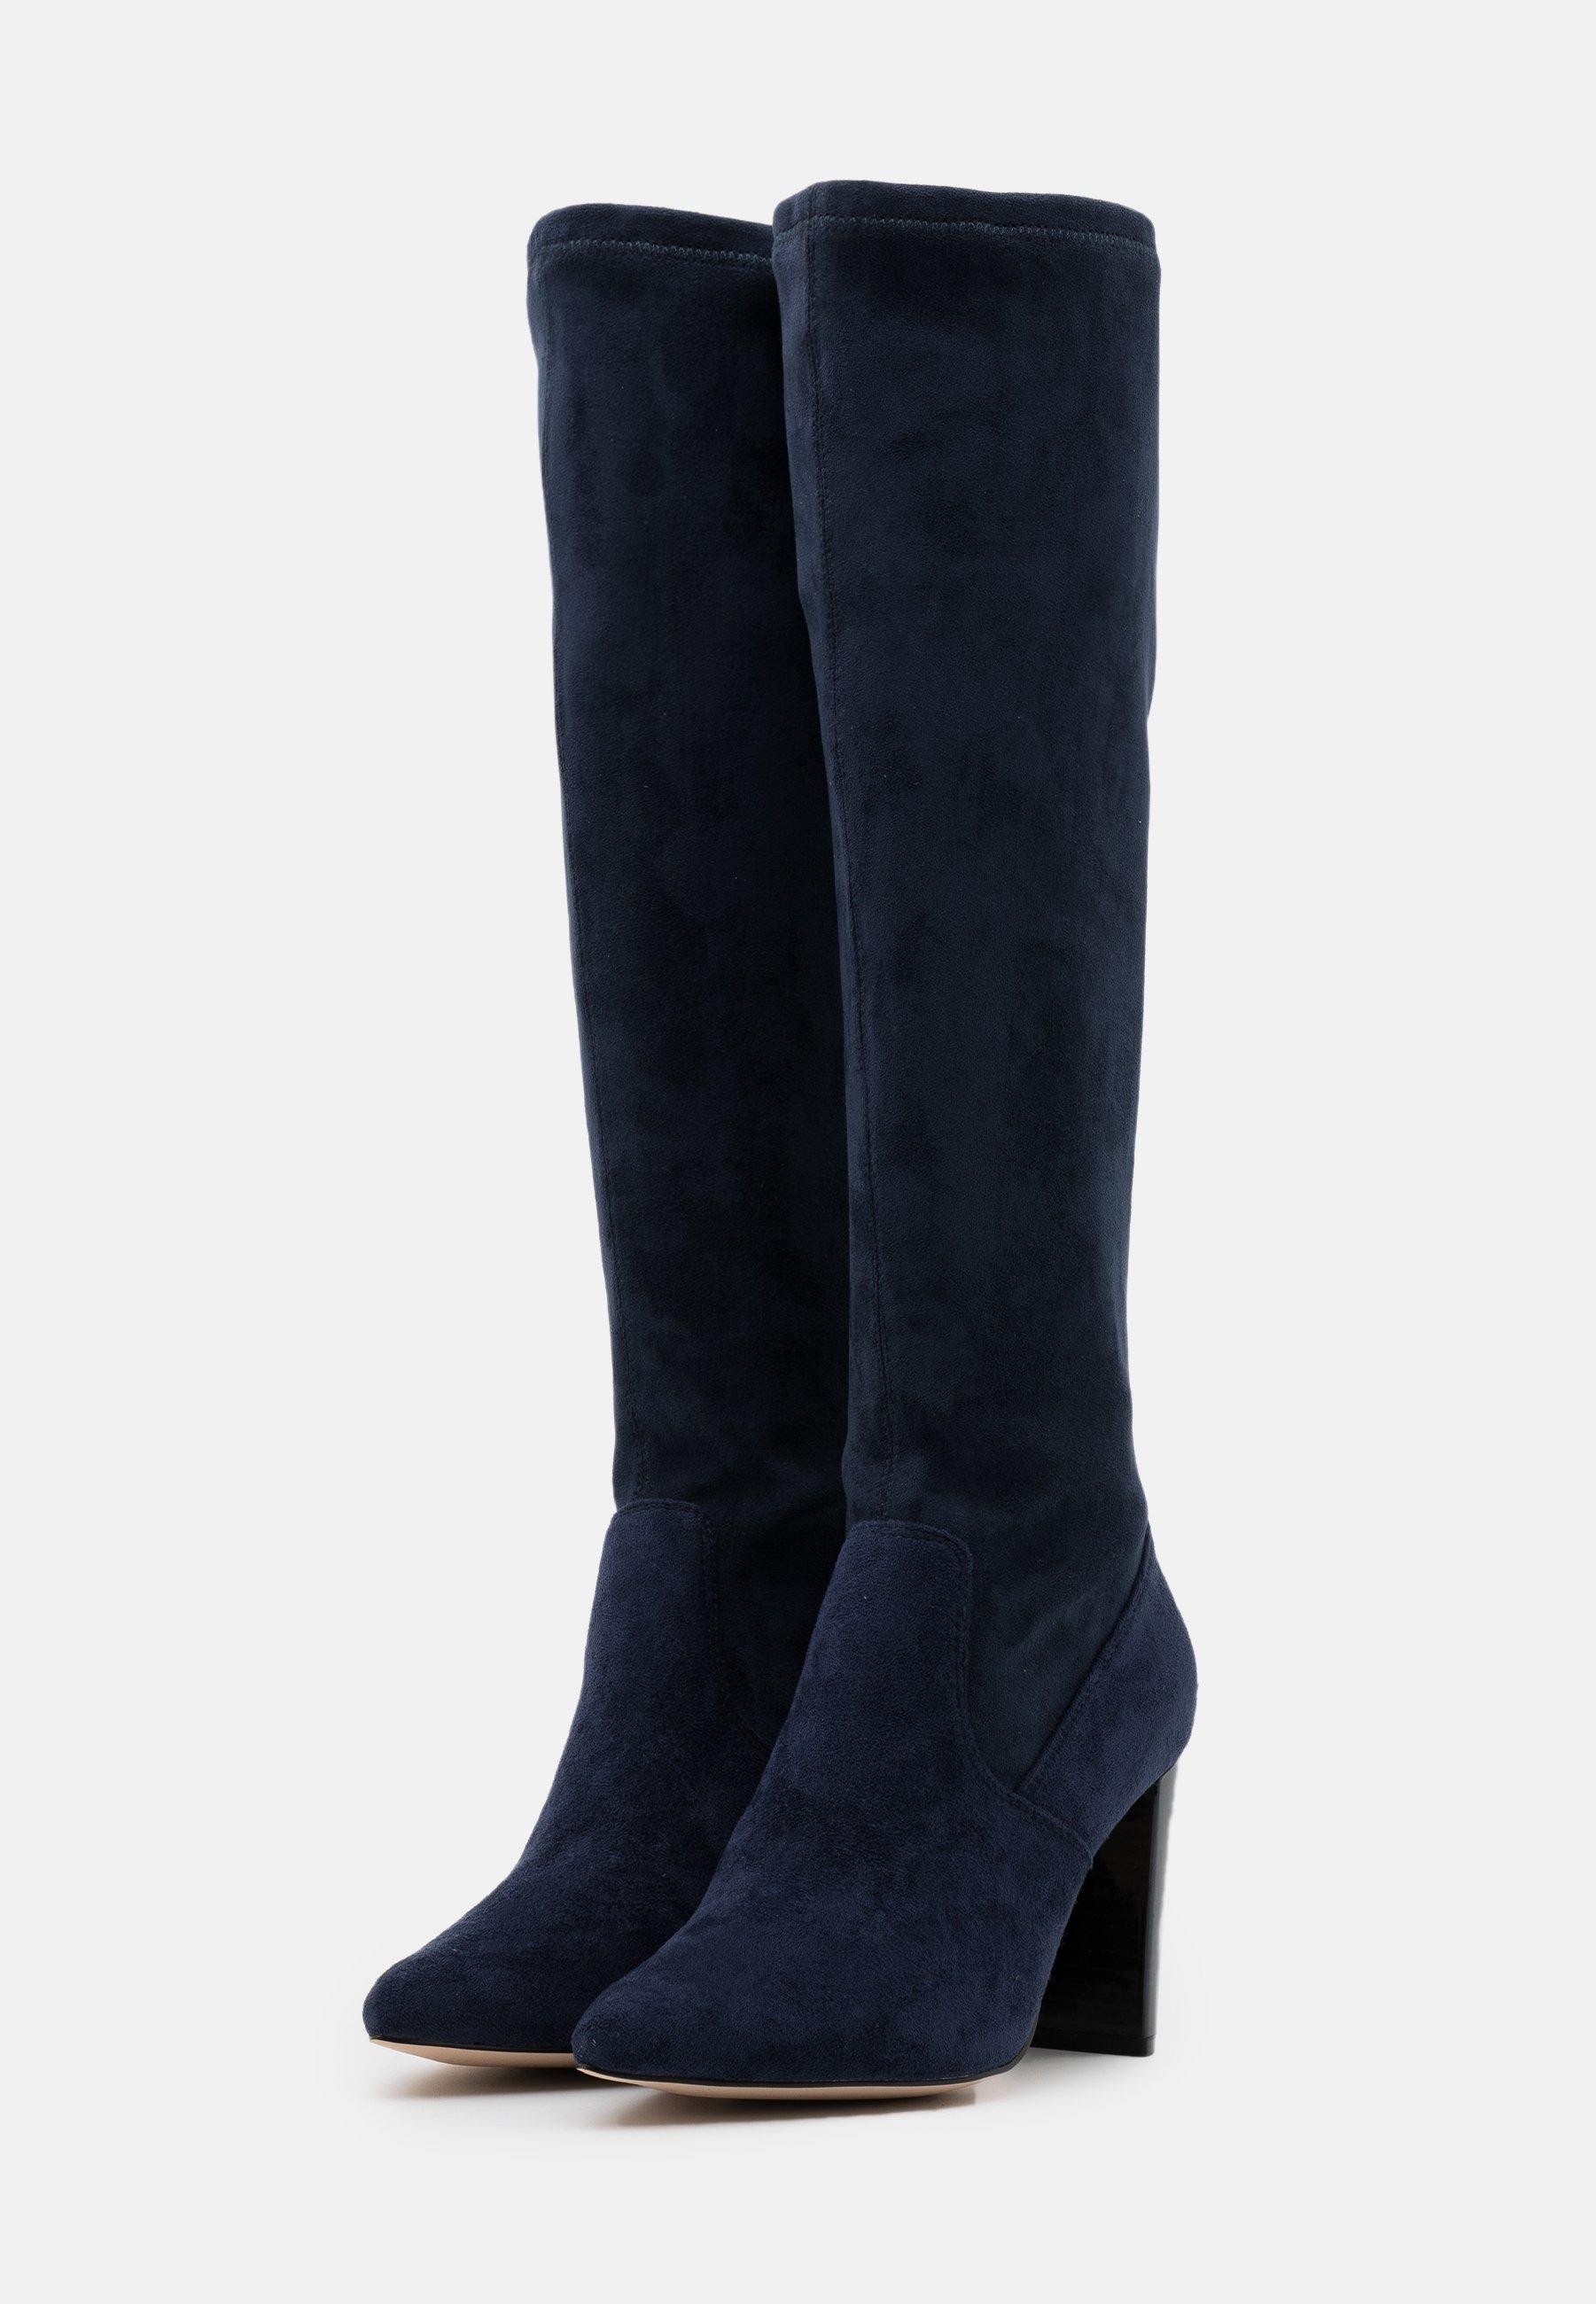 Caprice High Heel Stiefel ocean/dunkelblau